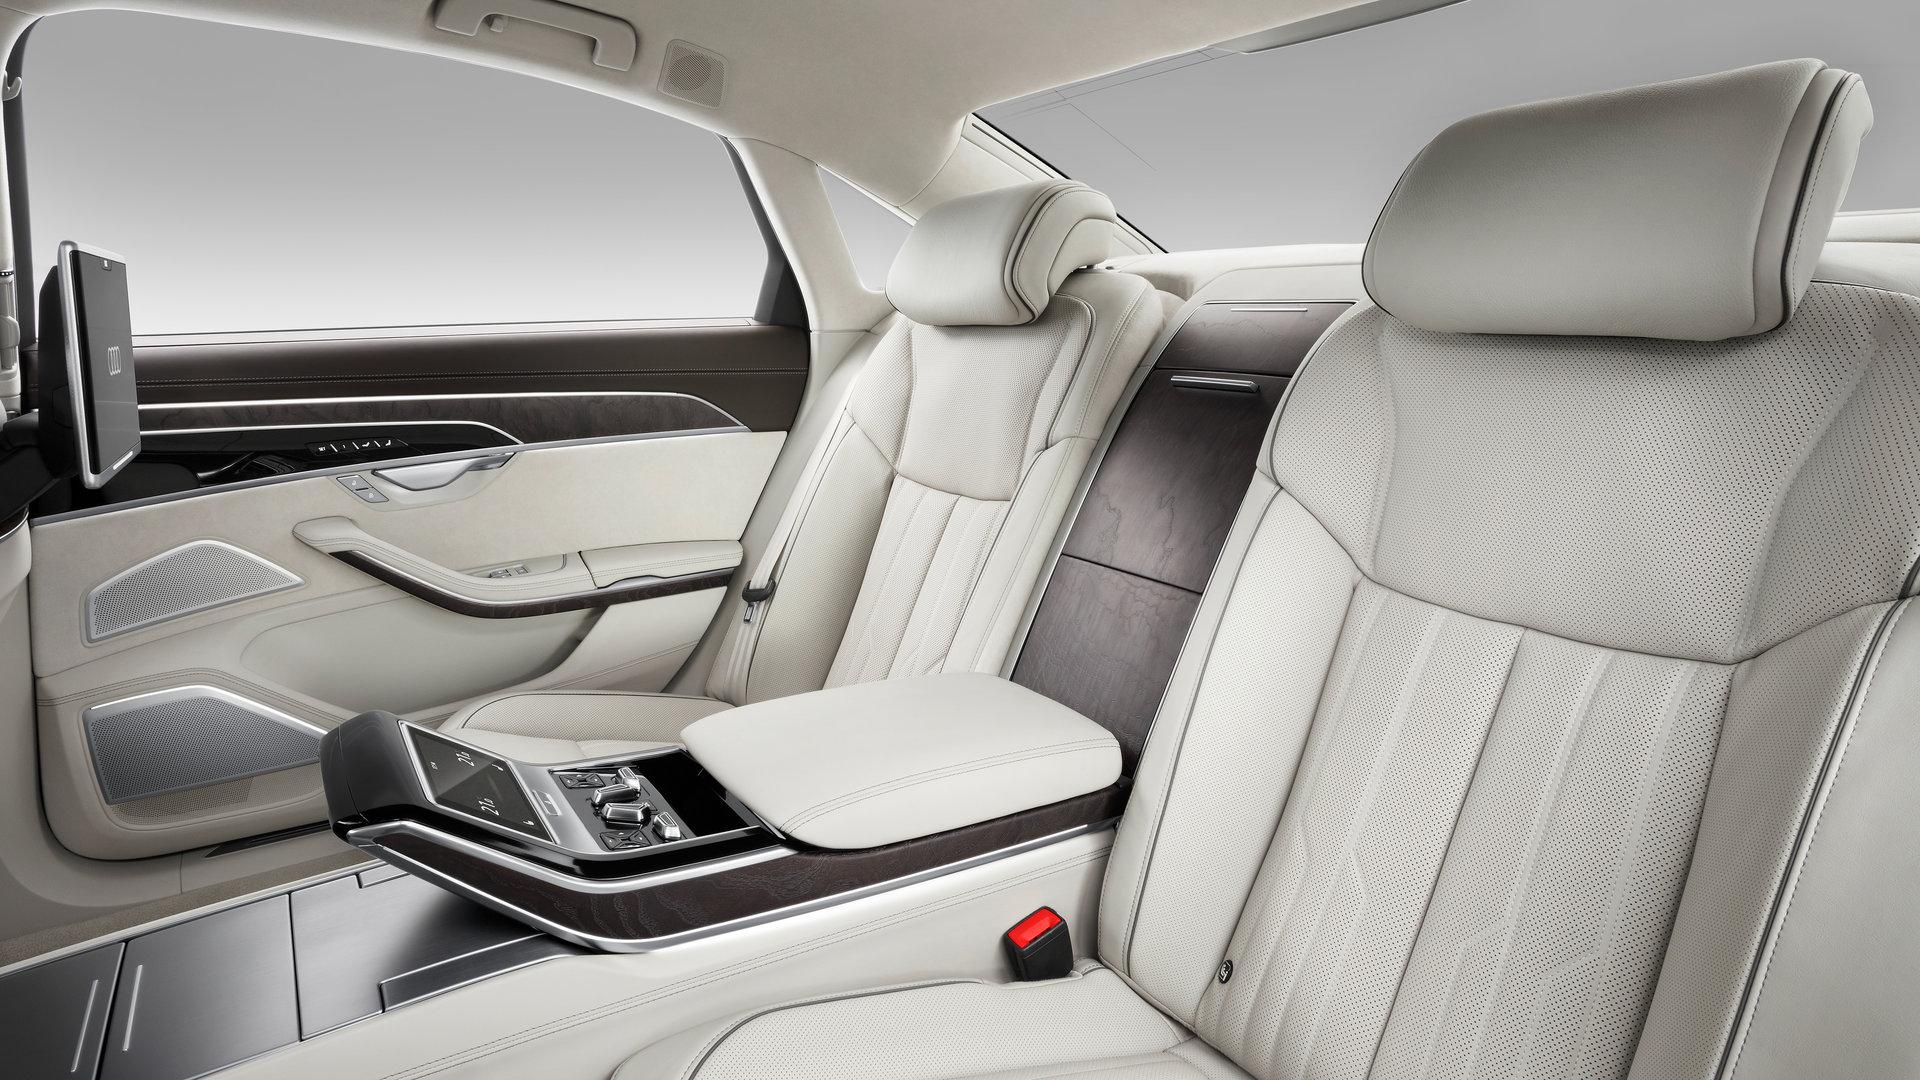 Audi A8 Interieur